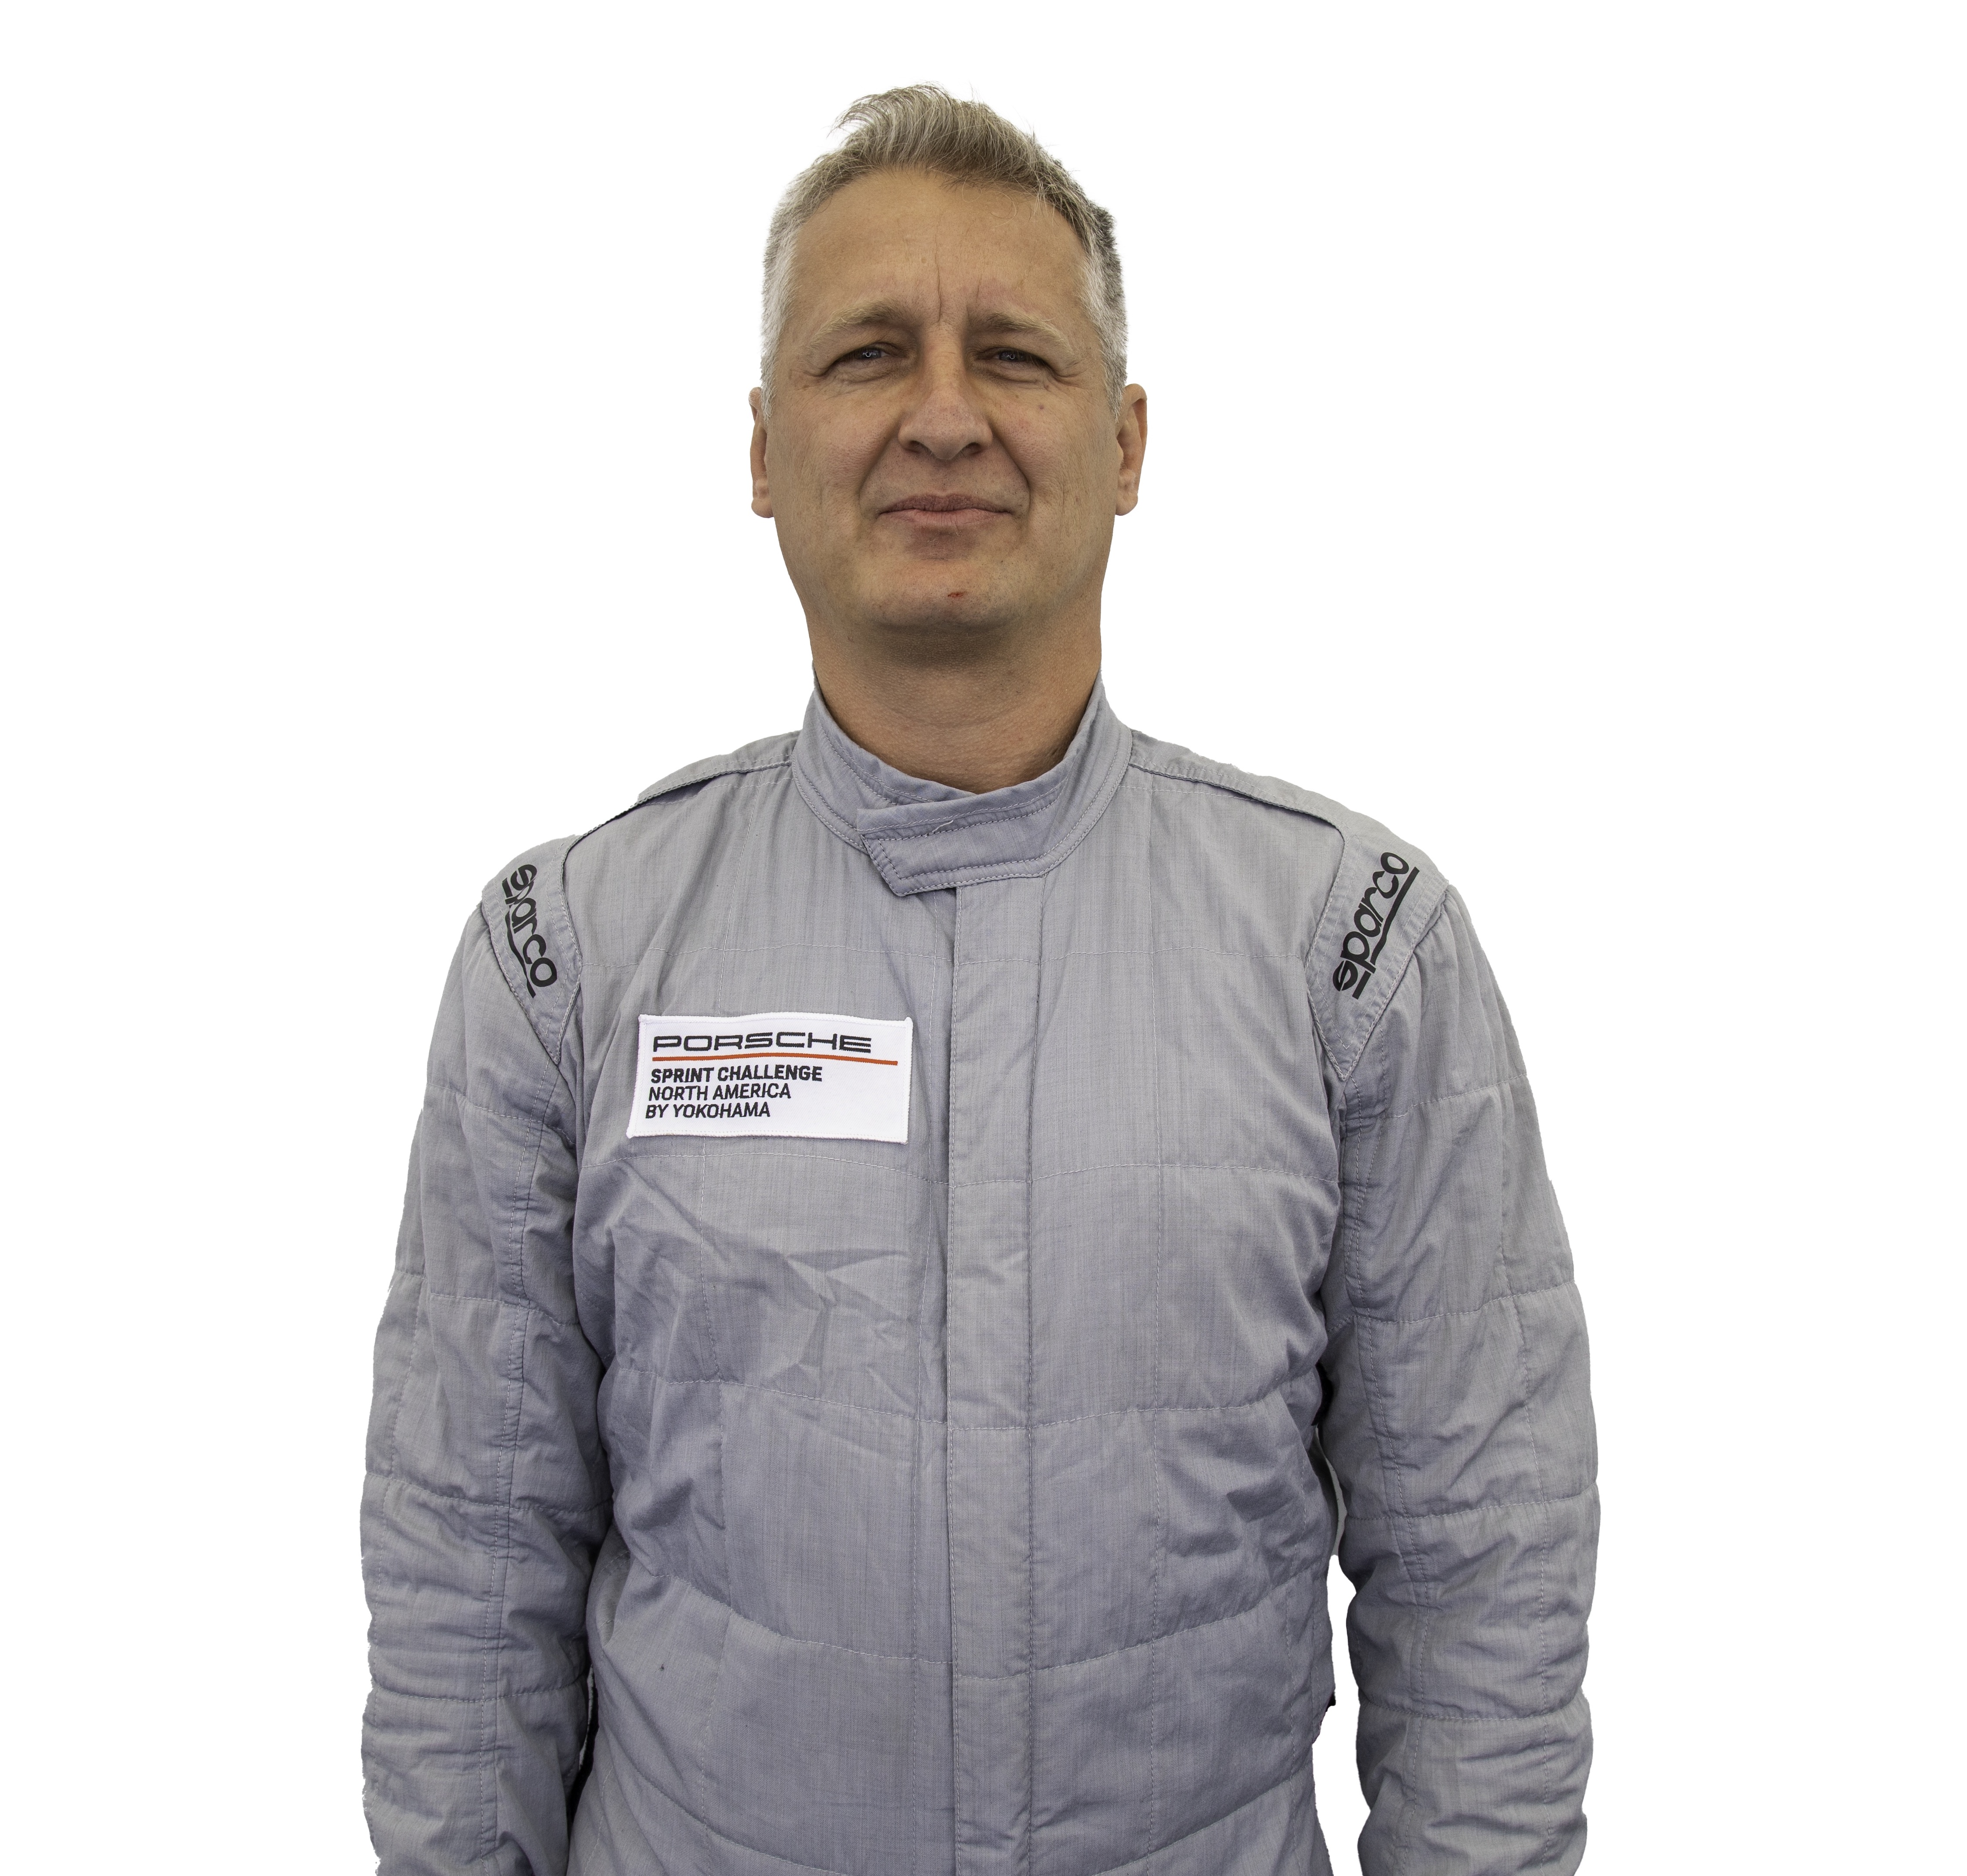 Porsche Sprint Challenge Drive Image